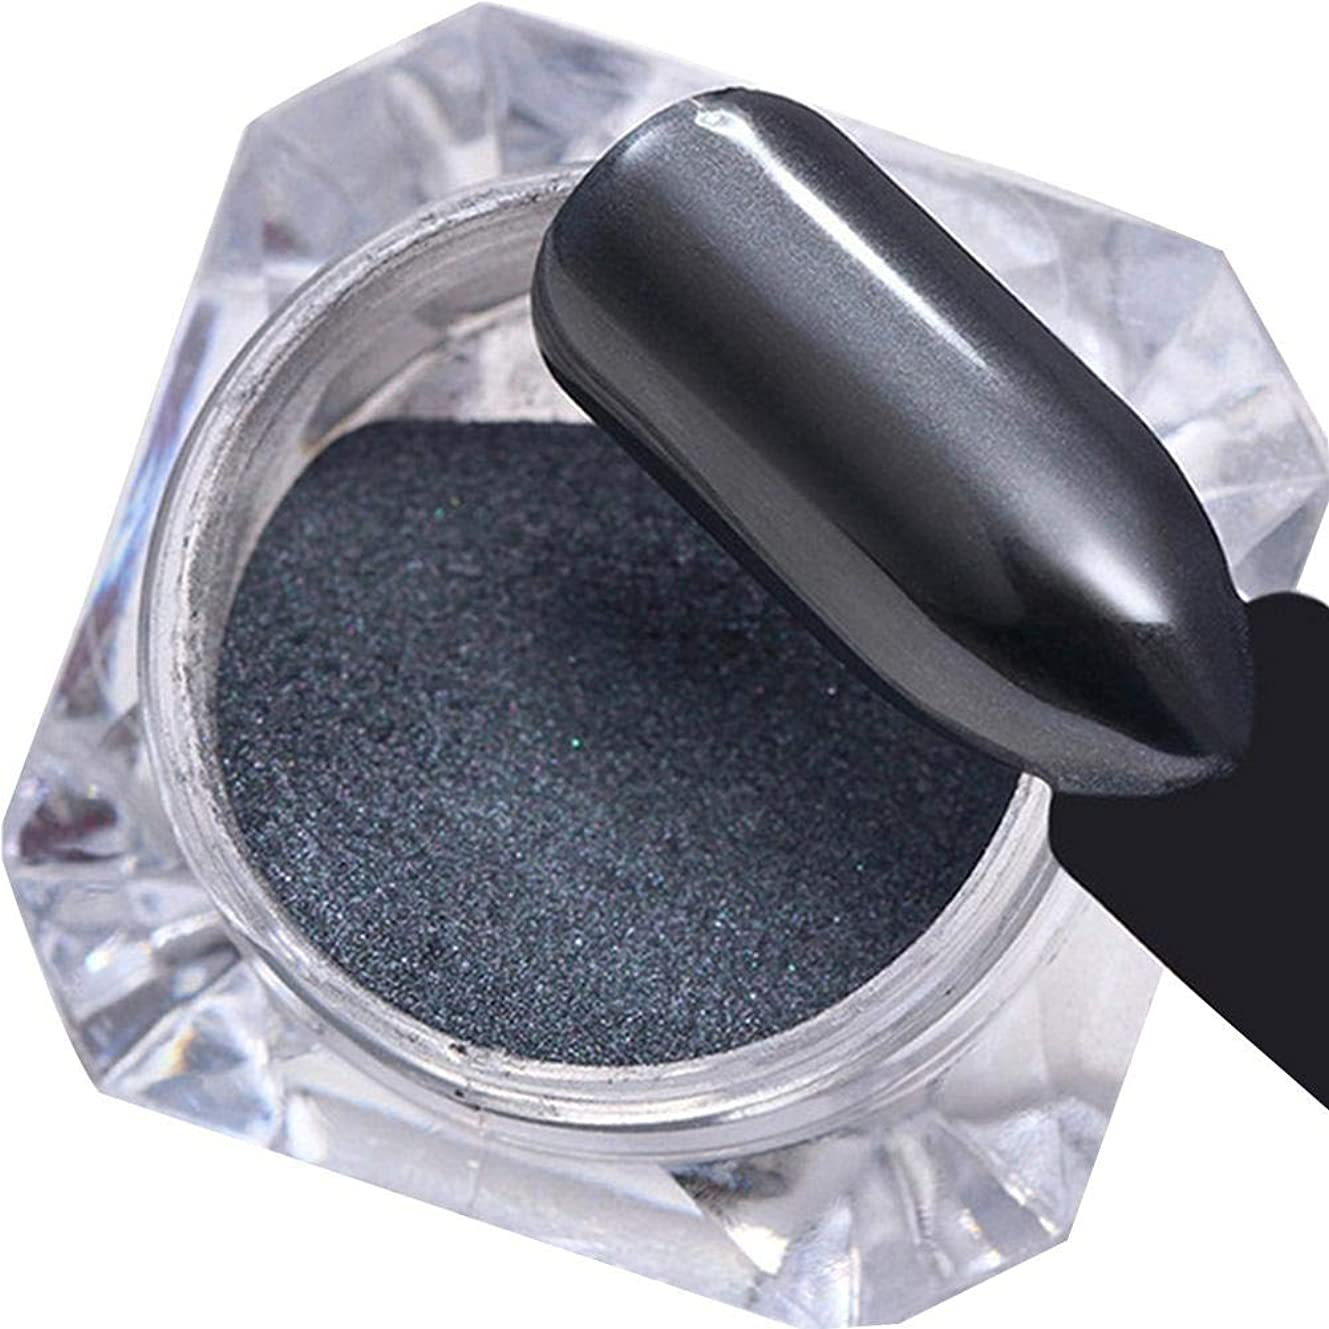 出血礼儀迅速ミラーパウダー ネイルアートパーツ ネイルパウダー ネイルデコレーション ミラーネイル グリッターパウダー 美しい 人気なマニキュアセット ブラック junexi